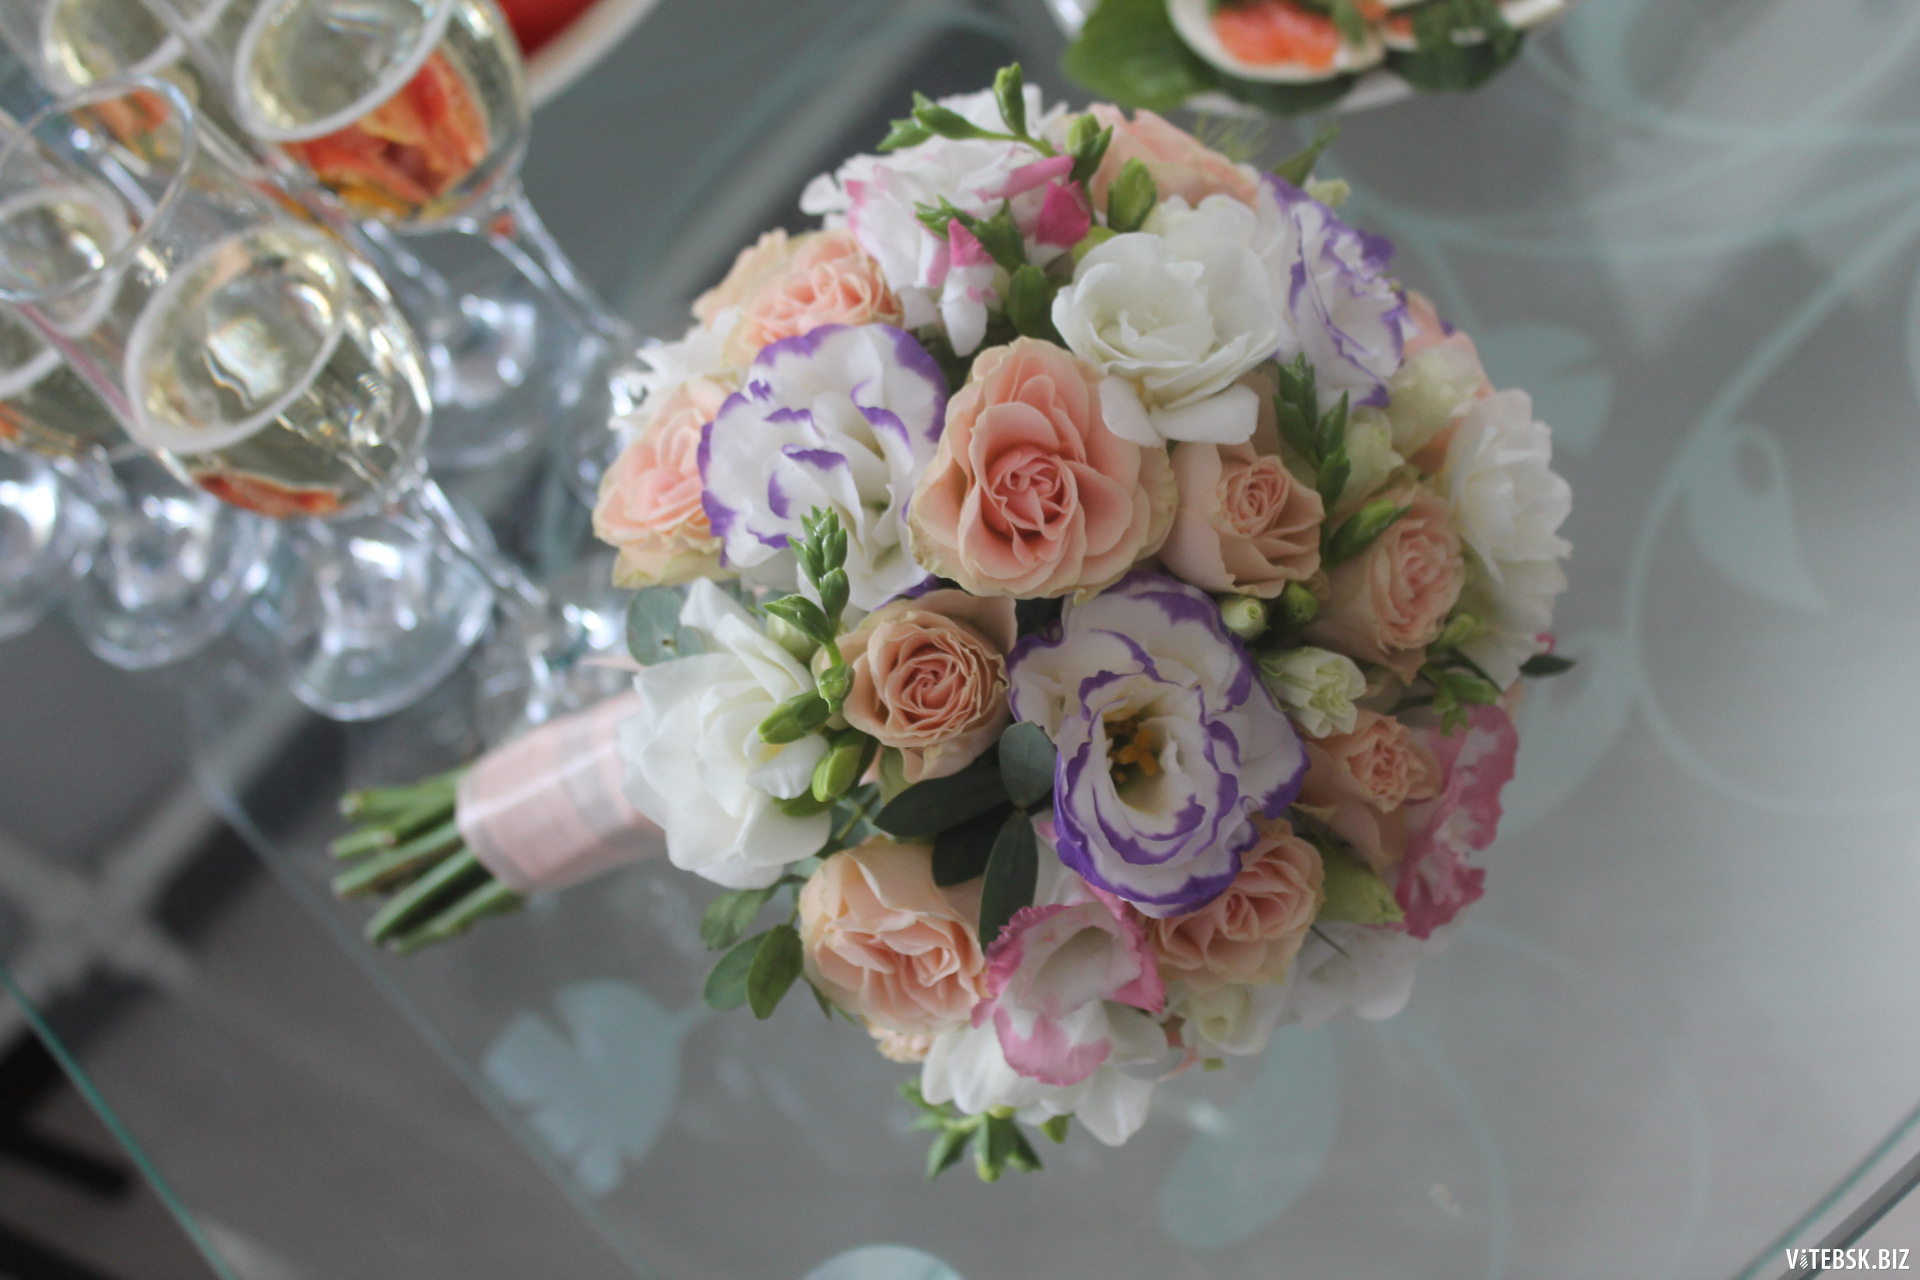 Заказать букет цветов на дом в витебске